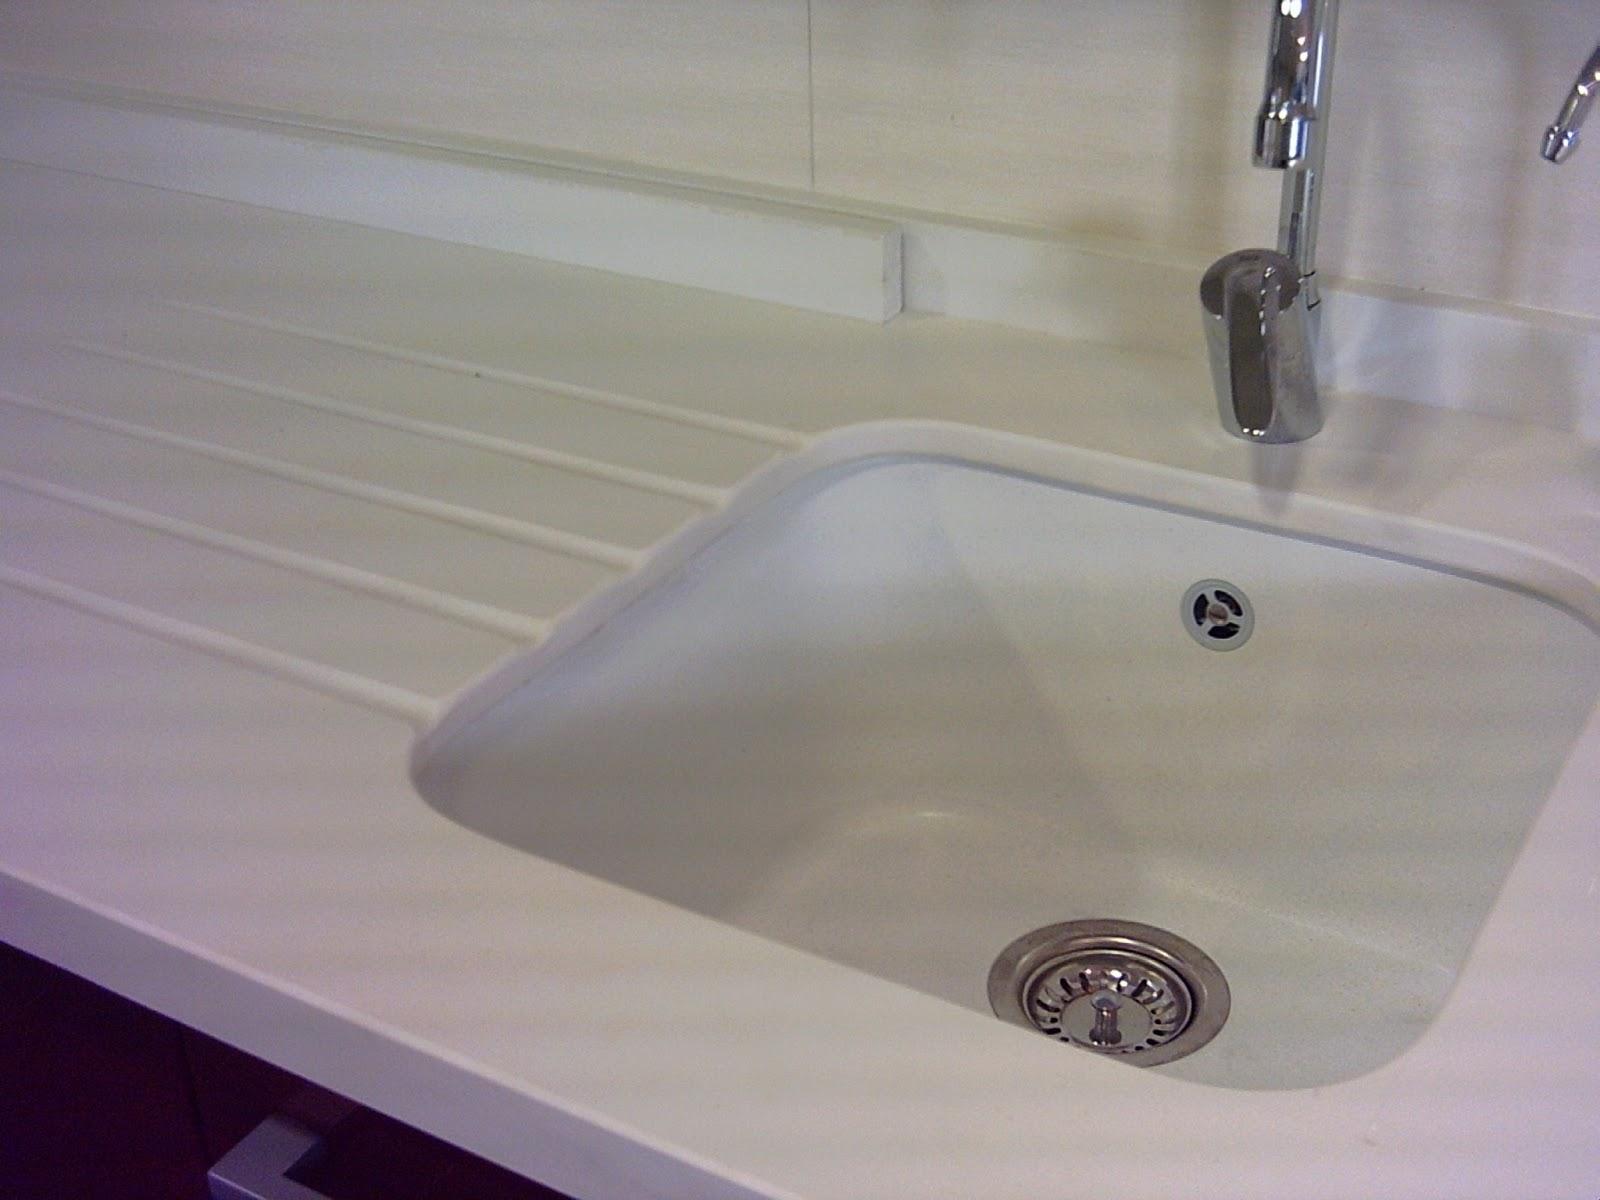 encimera con lavabo encastrado fregaderos bajo encimera cmodos y elegantes cocinas con estilo